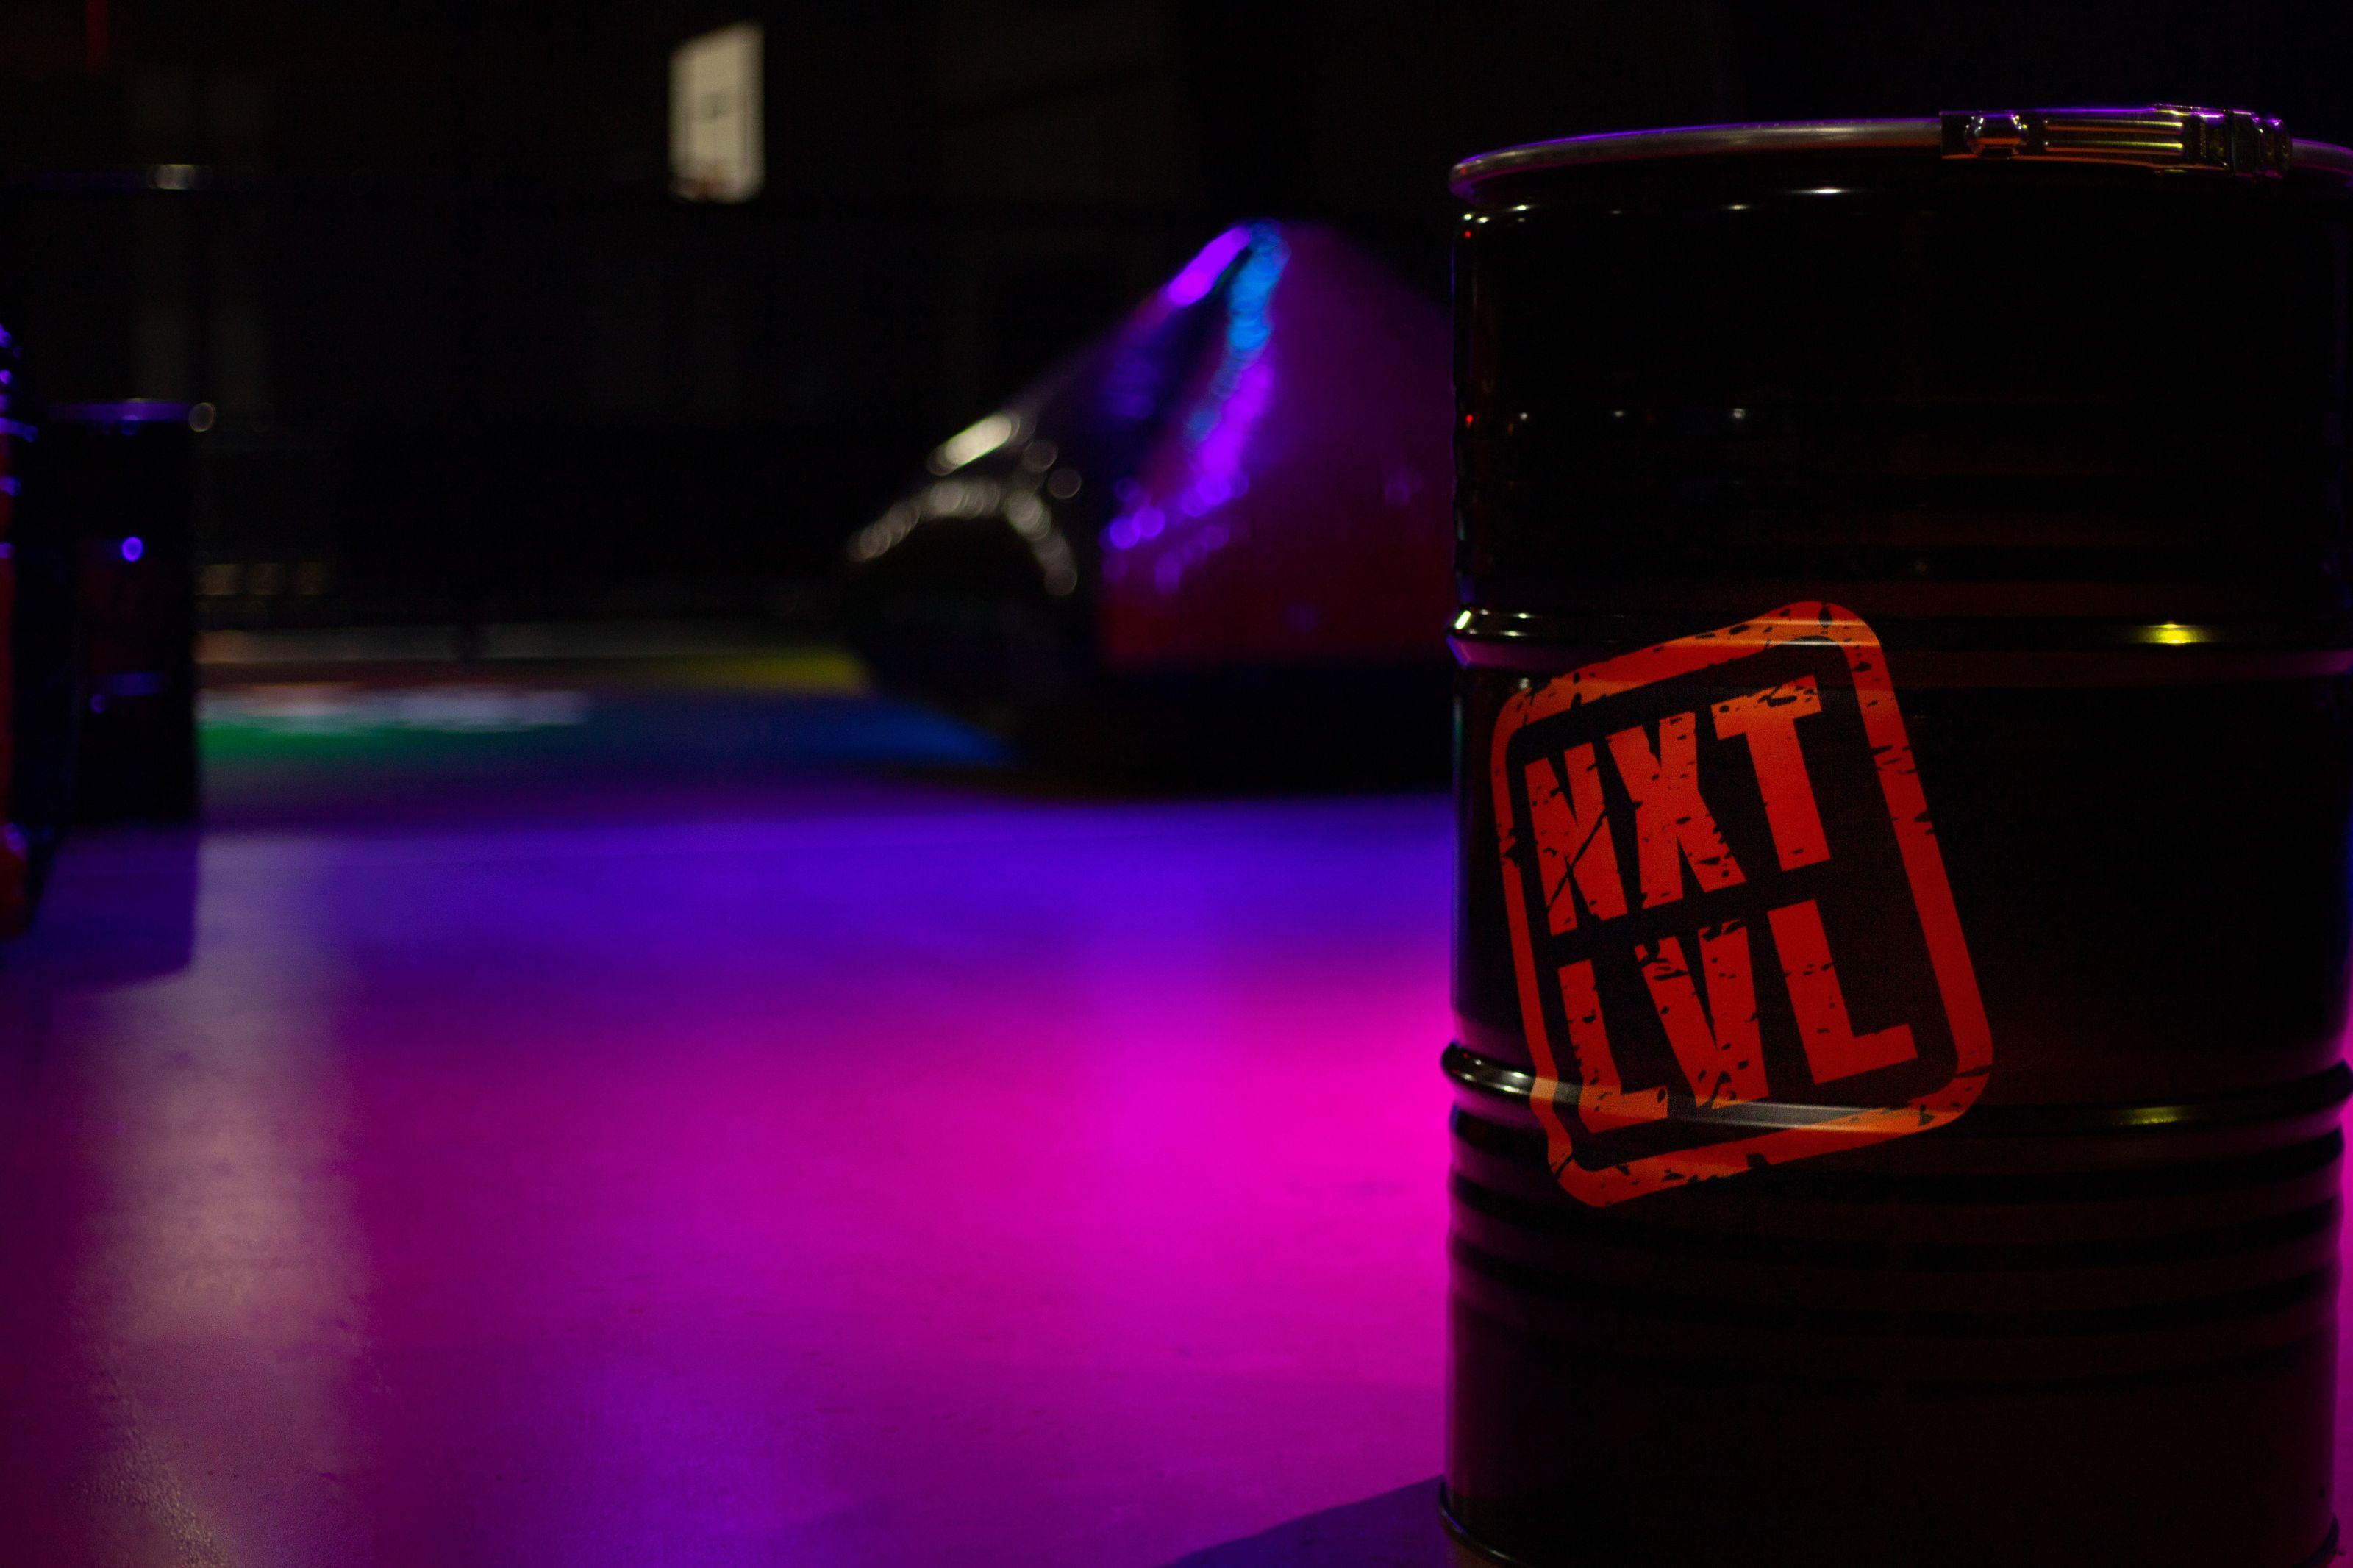 NXT LVL